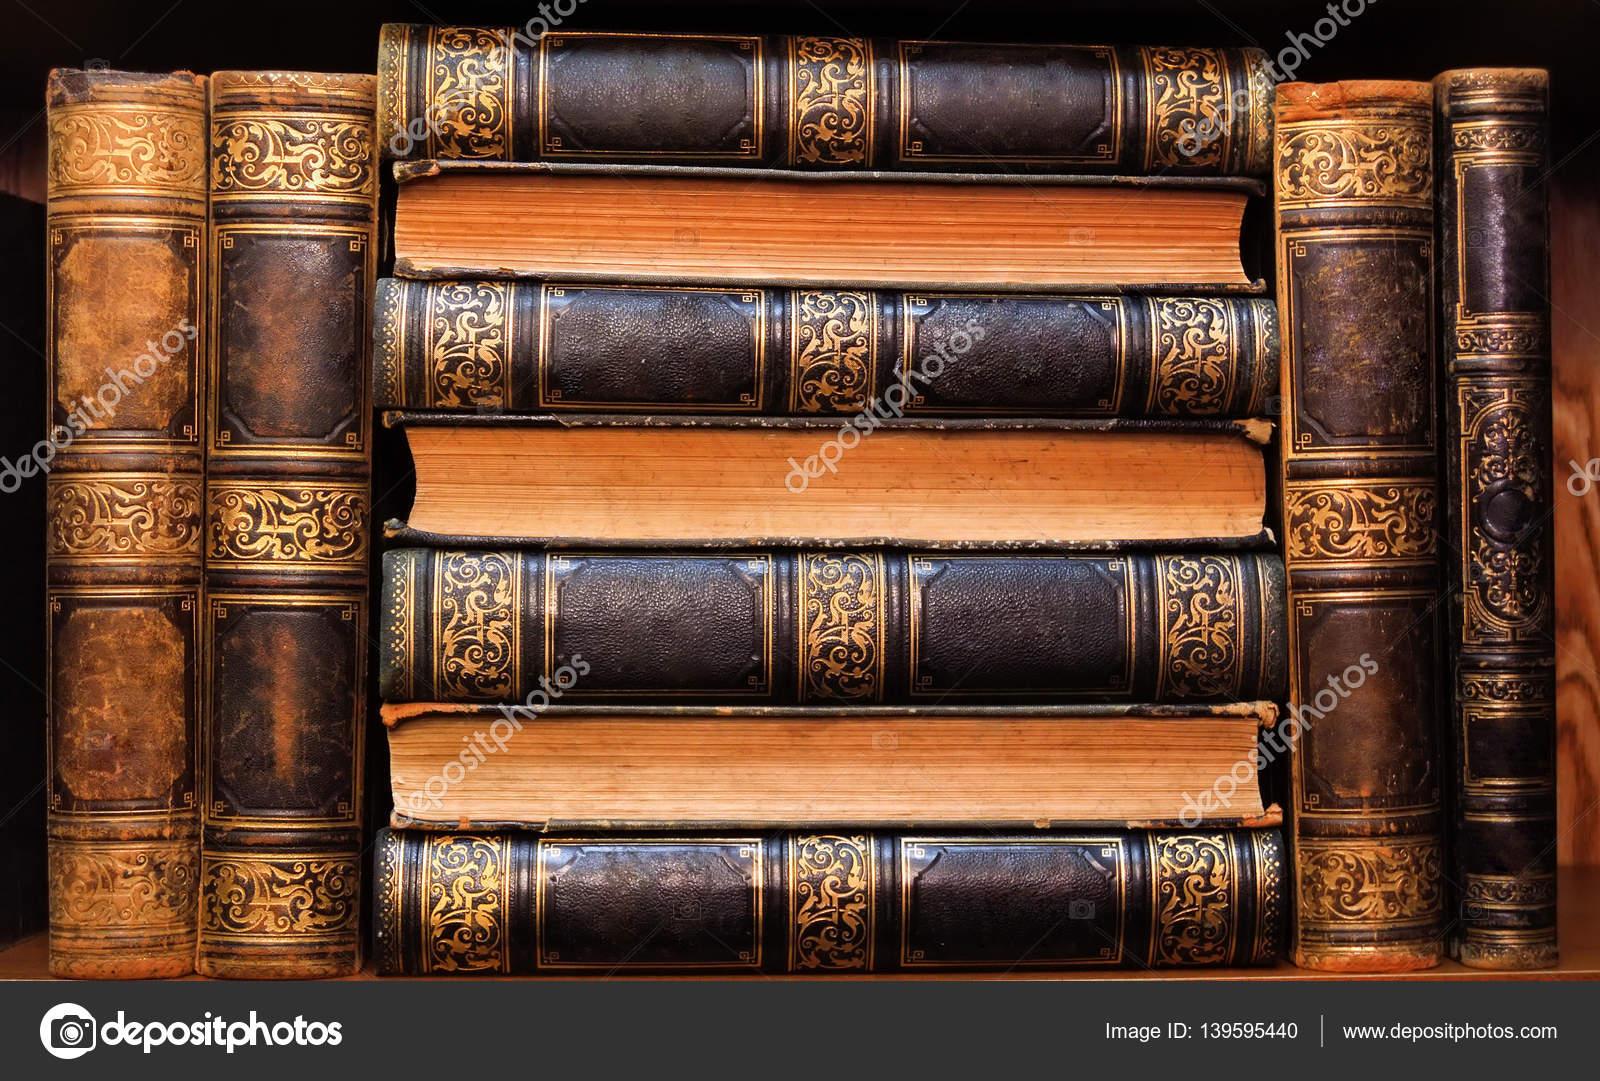 Resultado de imagem para livros belos